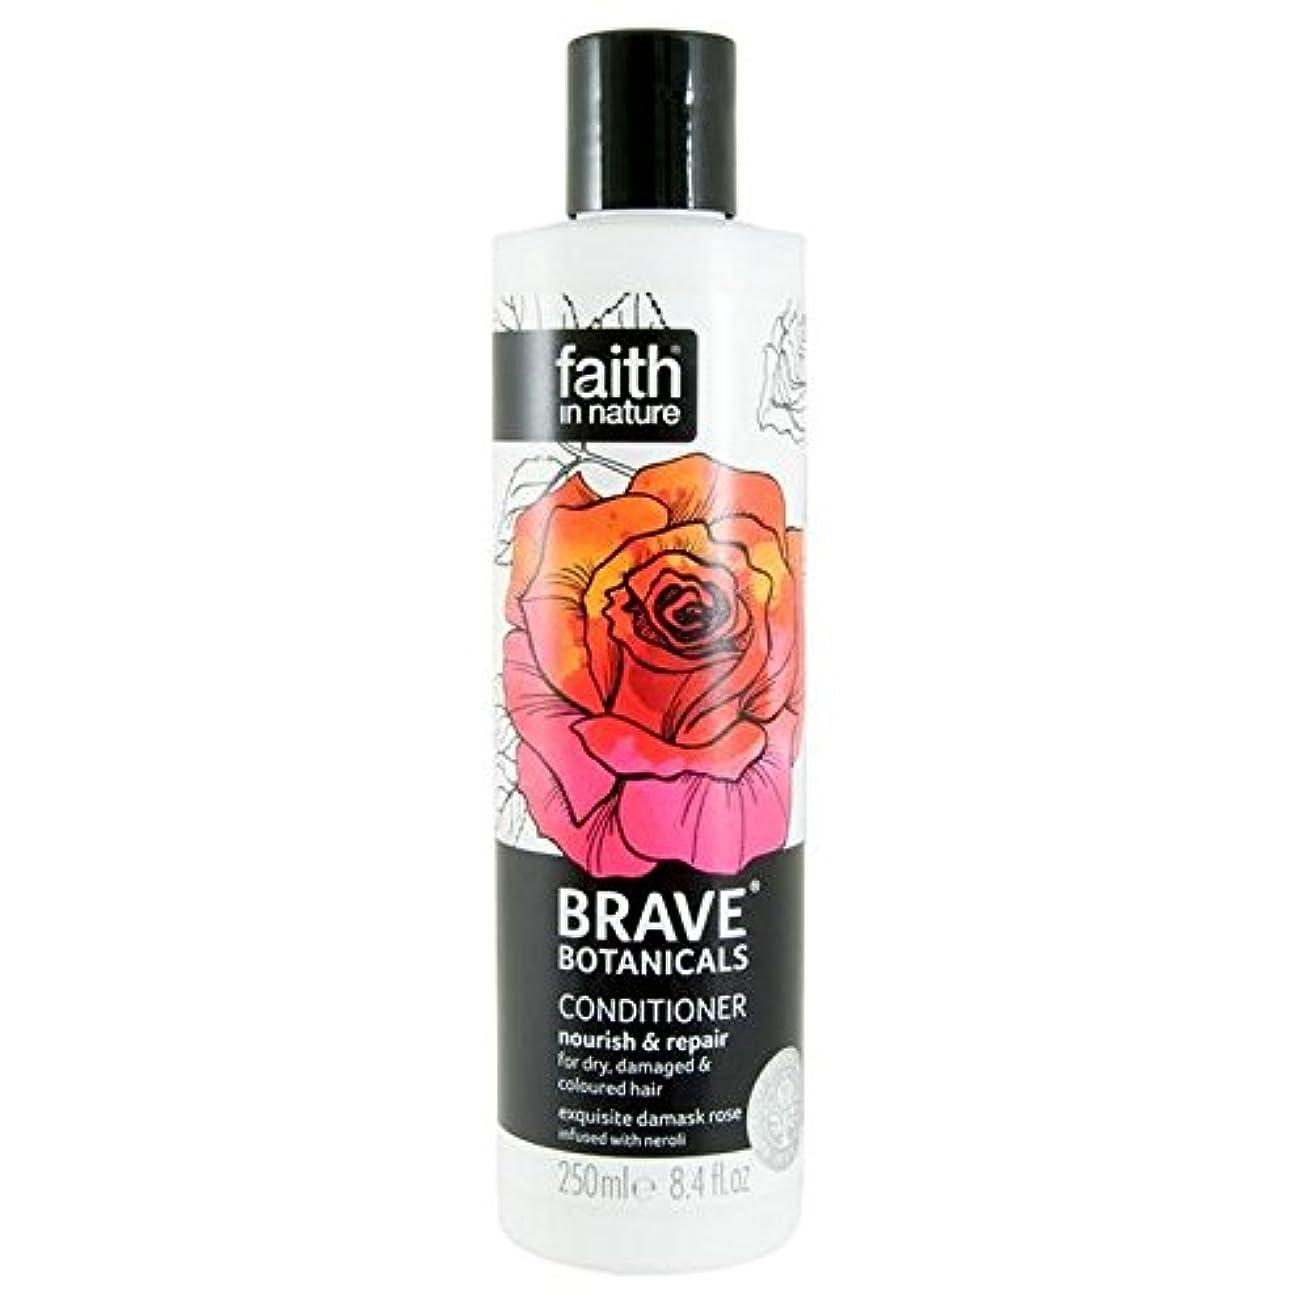 上がるこしょう汚染するBrave Botanicals Rose & Neroli Nourish & Repair Conditioner 250ml (Pack of 2) - (Faith In Nature) 勇敢な植物は、ローズ&ネロリ...